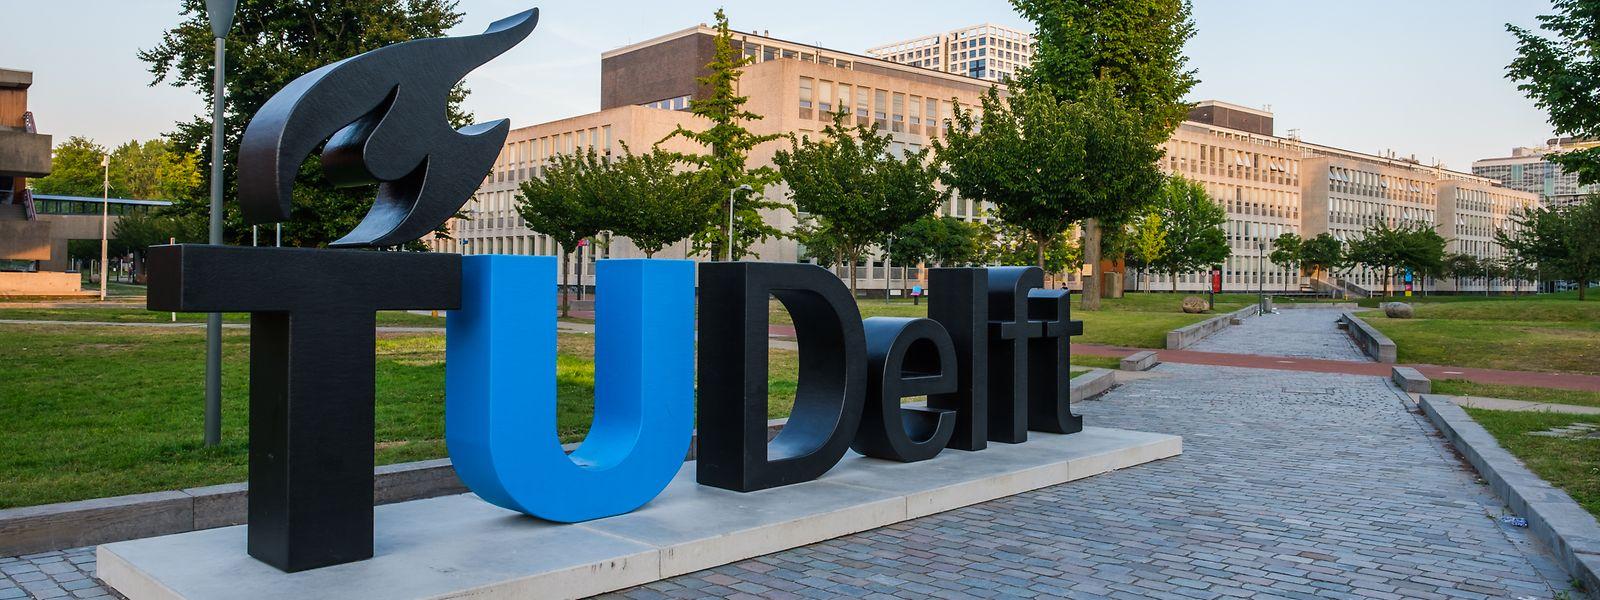 Der Bereich Luft- und Raumfahrttechnik an der TU Delft feiert in diesem Jahr 45-jähriges Bestehen.